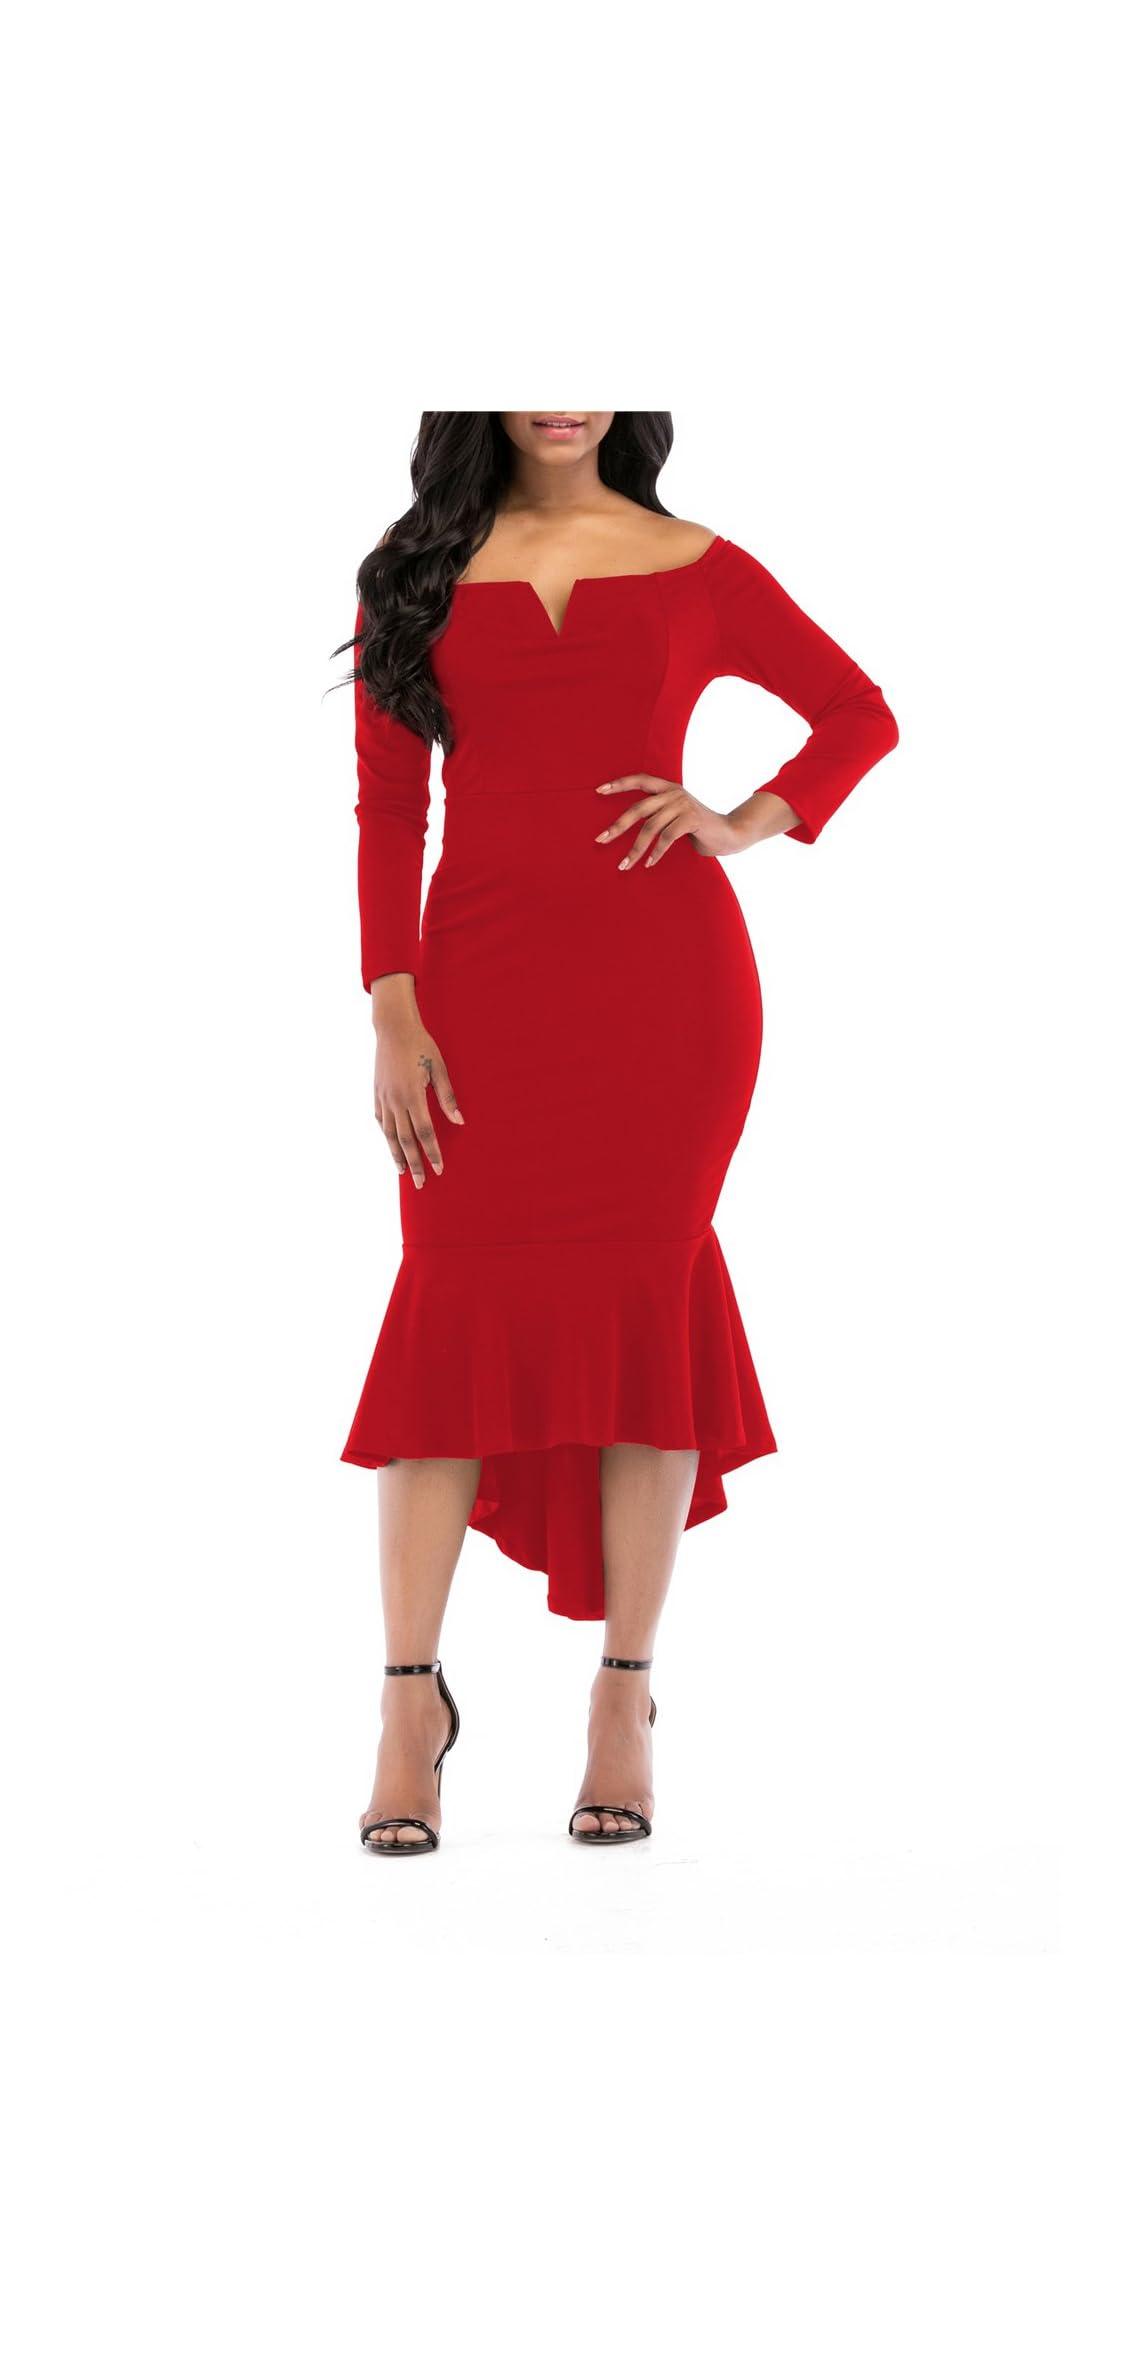 Fishtail Dresses For Women Midi Bodycon Dress Long V